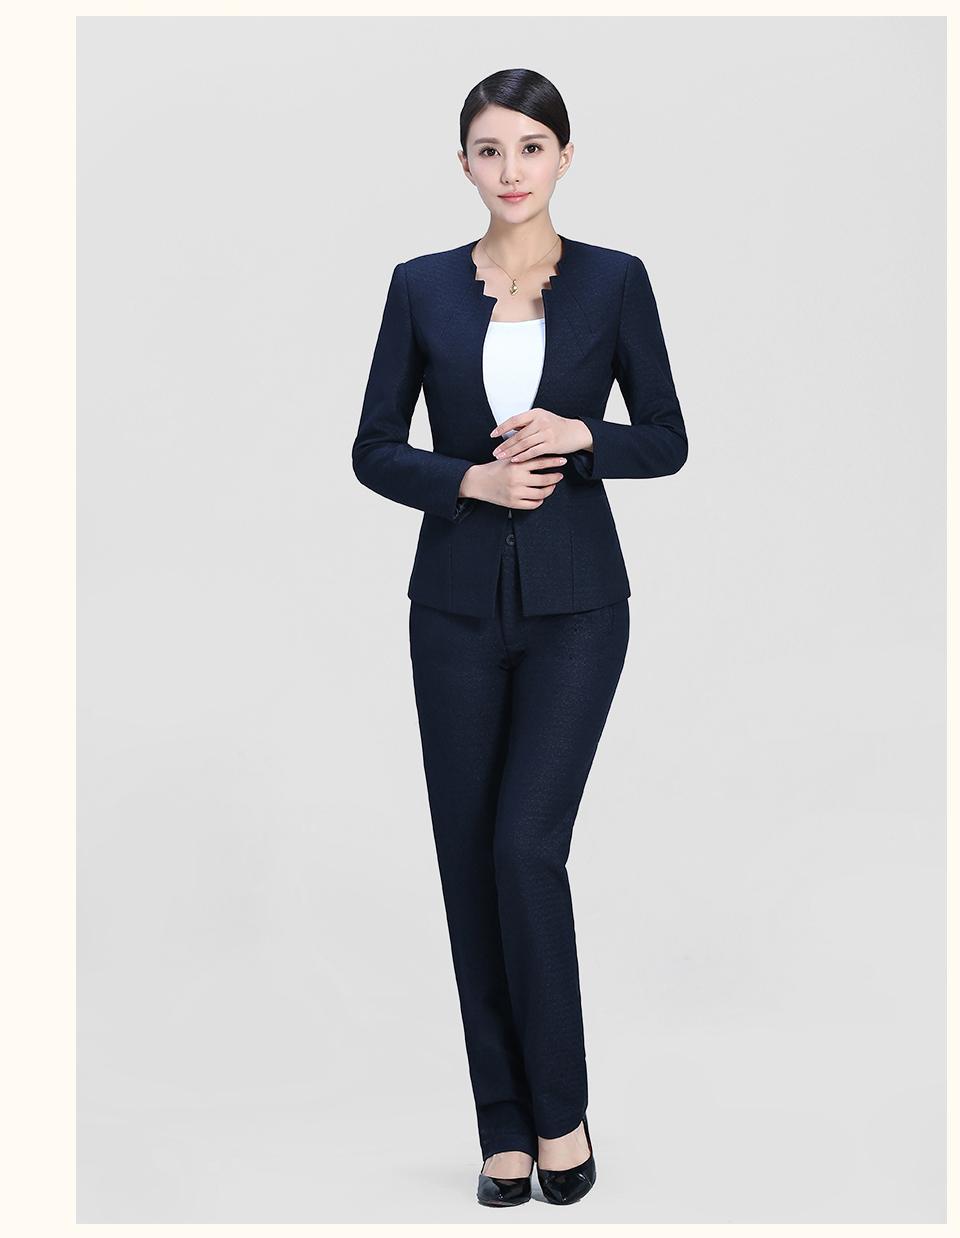 春秋女前台领班收银员短袖西装美容师餐厅经理职业套装